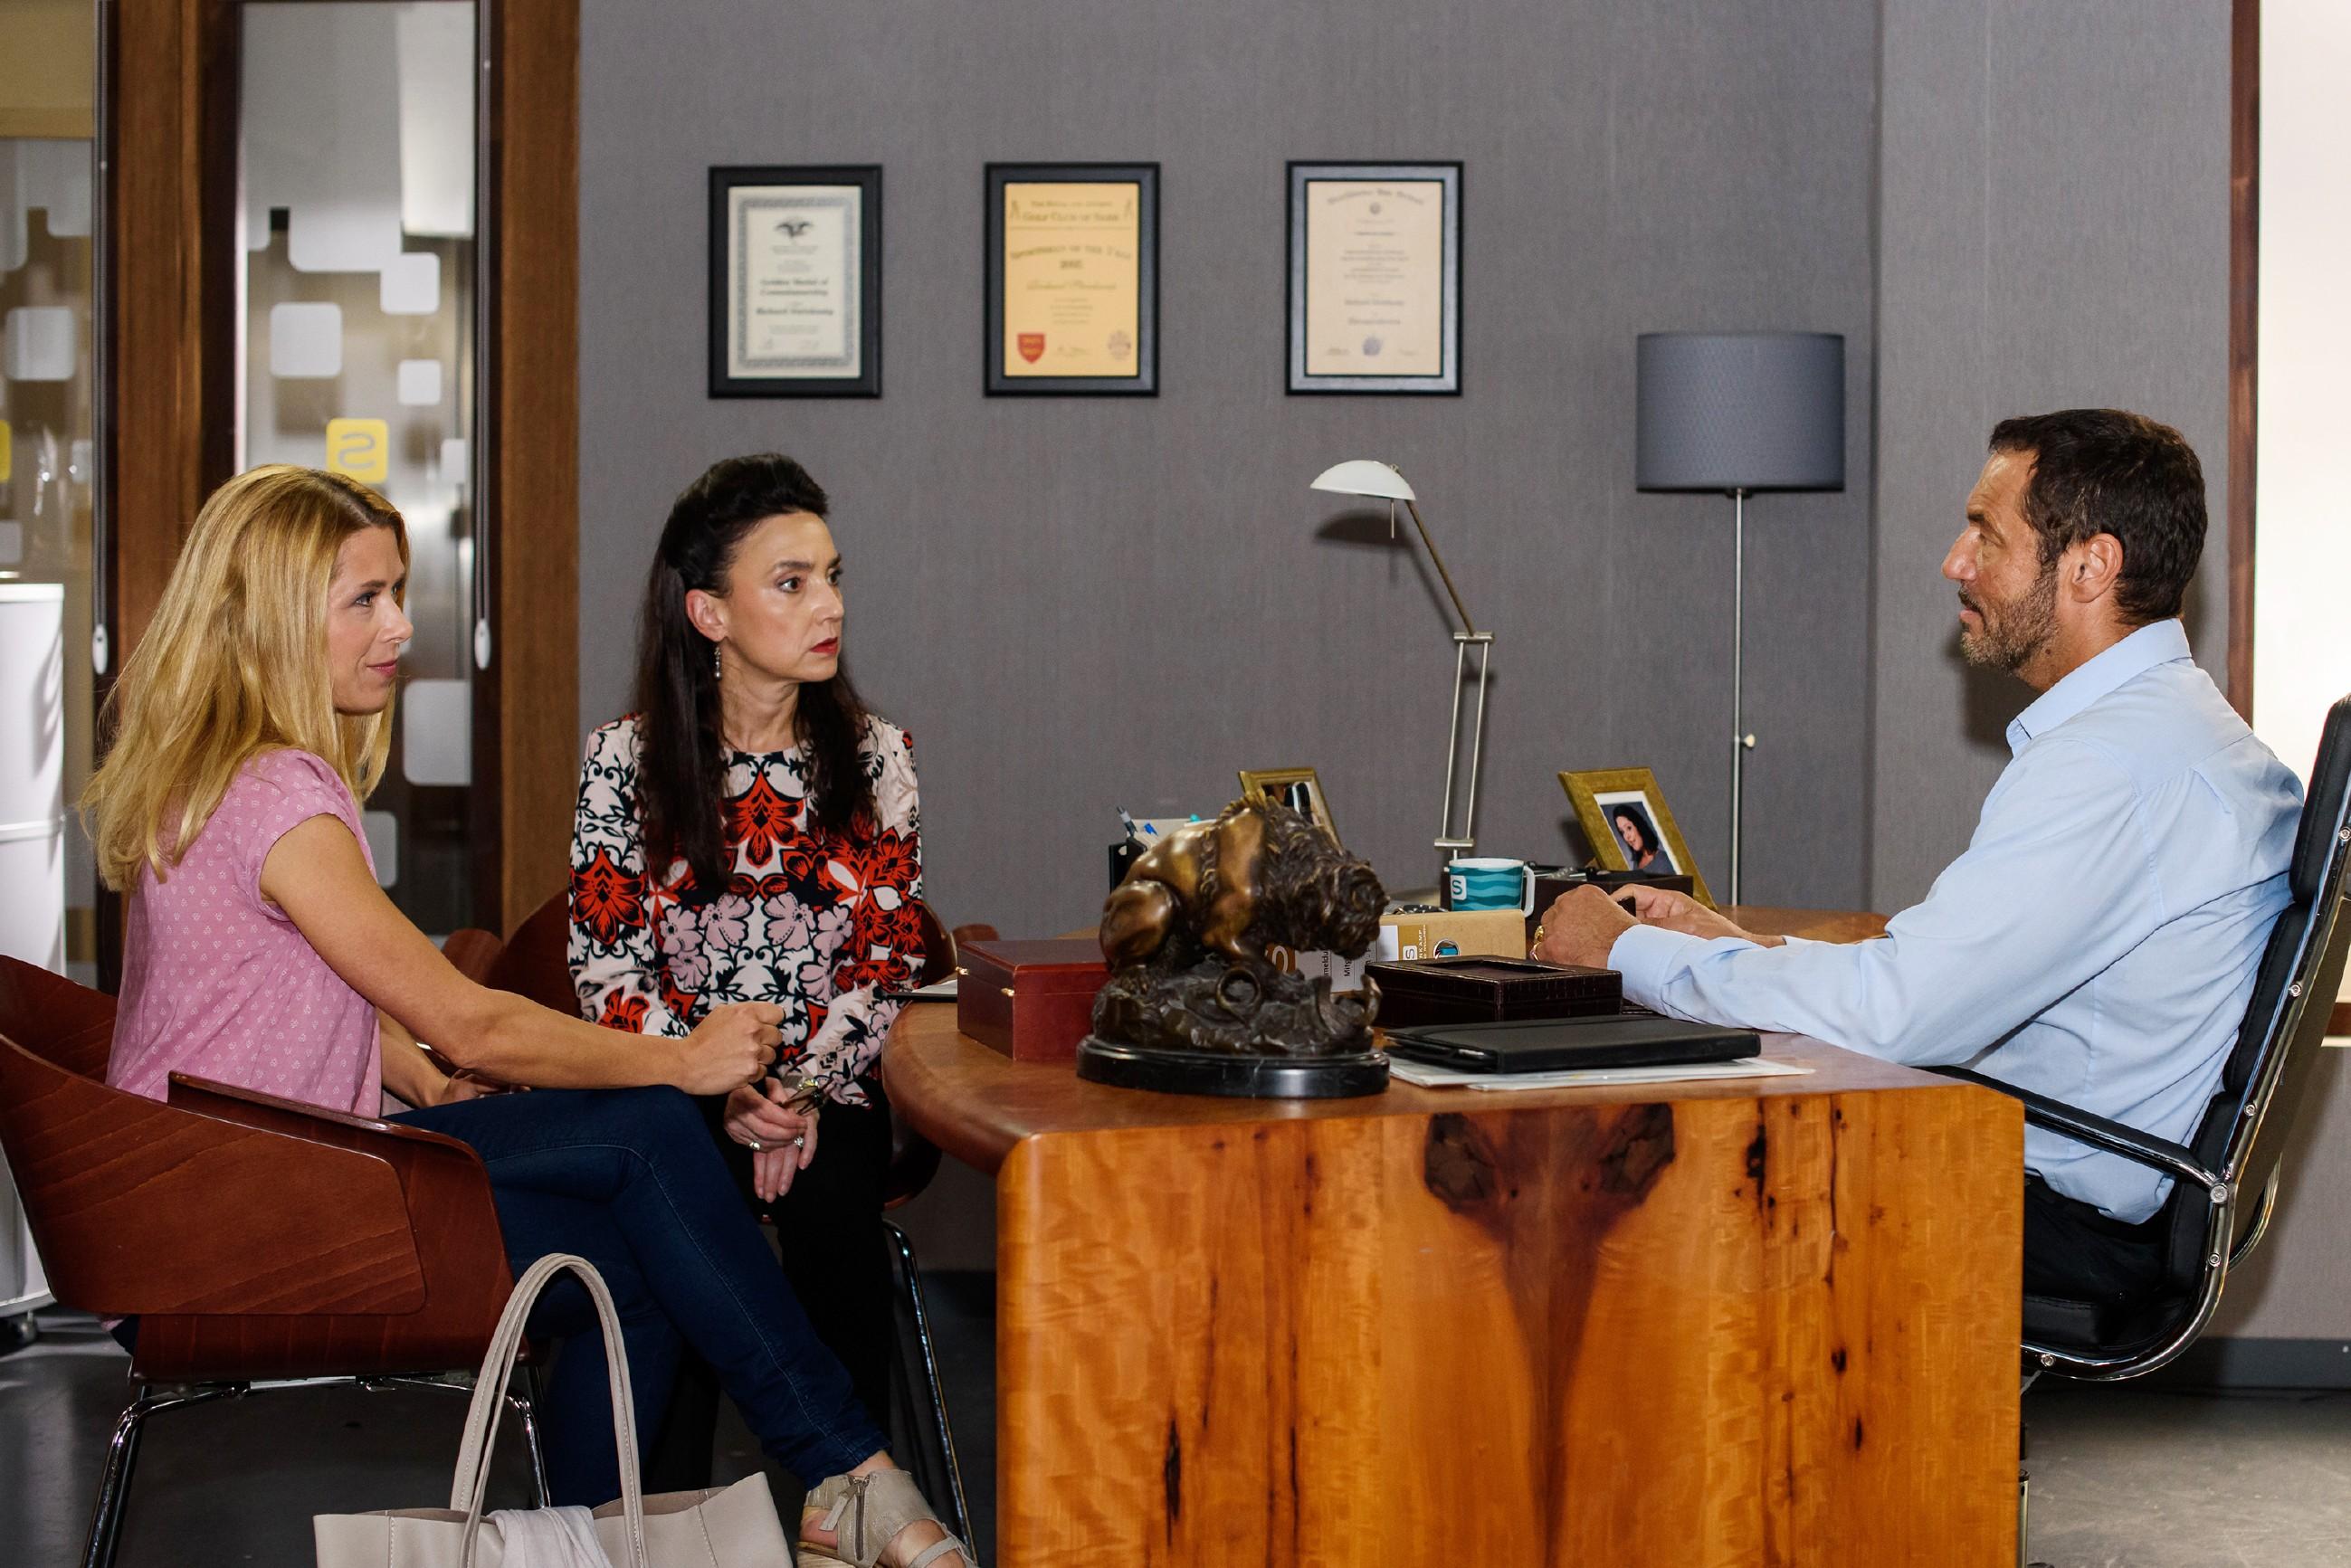 Simone (Tatjana Clasing, 2.v.l.) sitzt mit Diana (Tanja Scewczenko) und Richard (Silvan-Pierre Leirich) zusammen und bleibt in Sachen Carmen weiter unversöšhnlich. (Quelle: RTL / Julia Feldhagen)